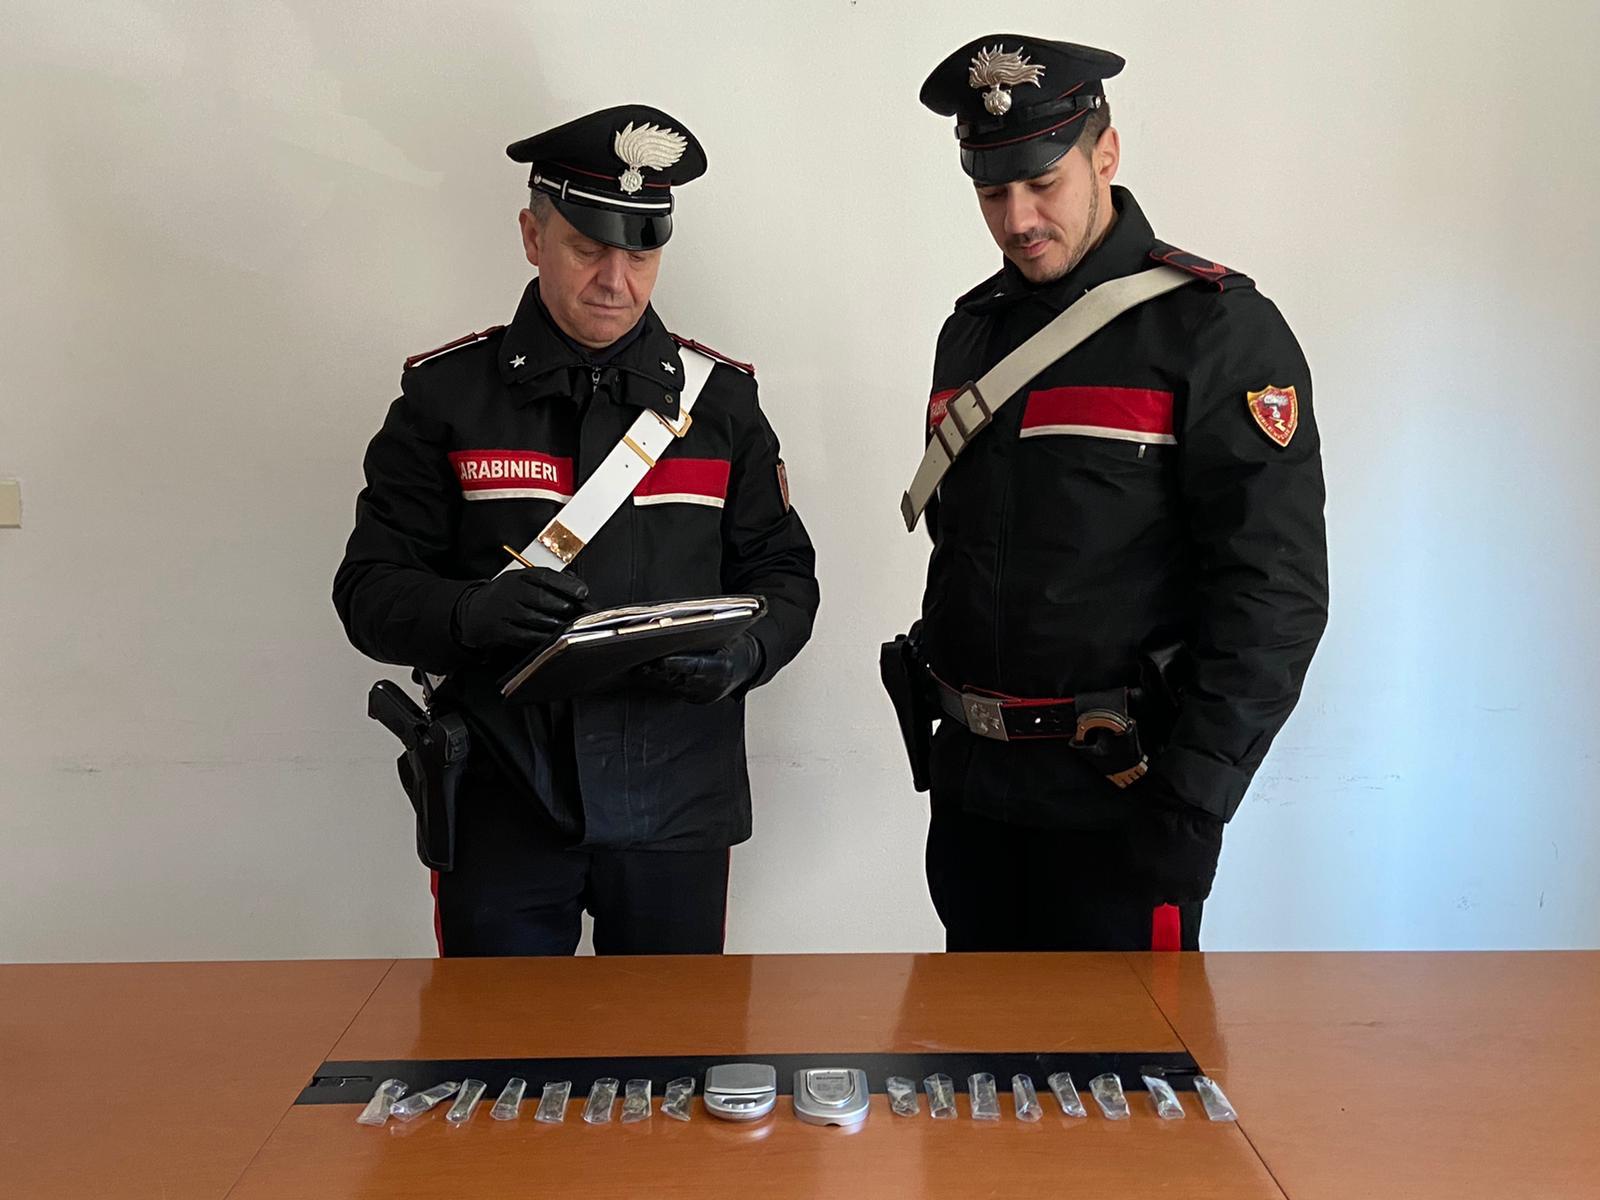 Droga e armi in casa: i carabinieri denunciano sei persone